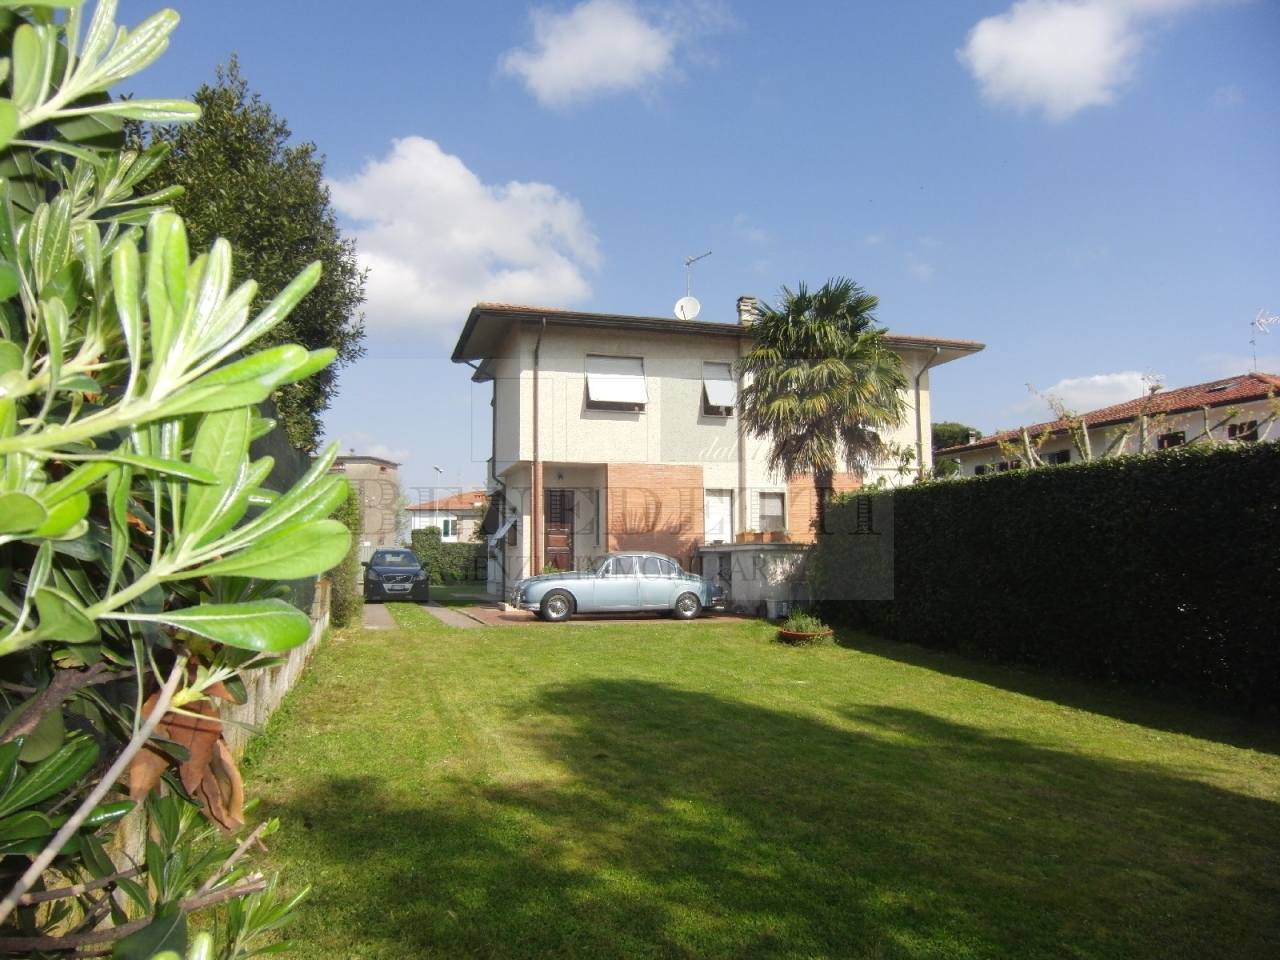 Soluzione Indipendente in vendita a Pietrasanta, 6 locali, prezzo € 430.000 | Cambio Casa.it